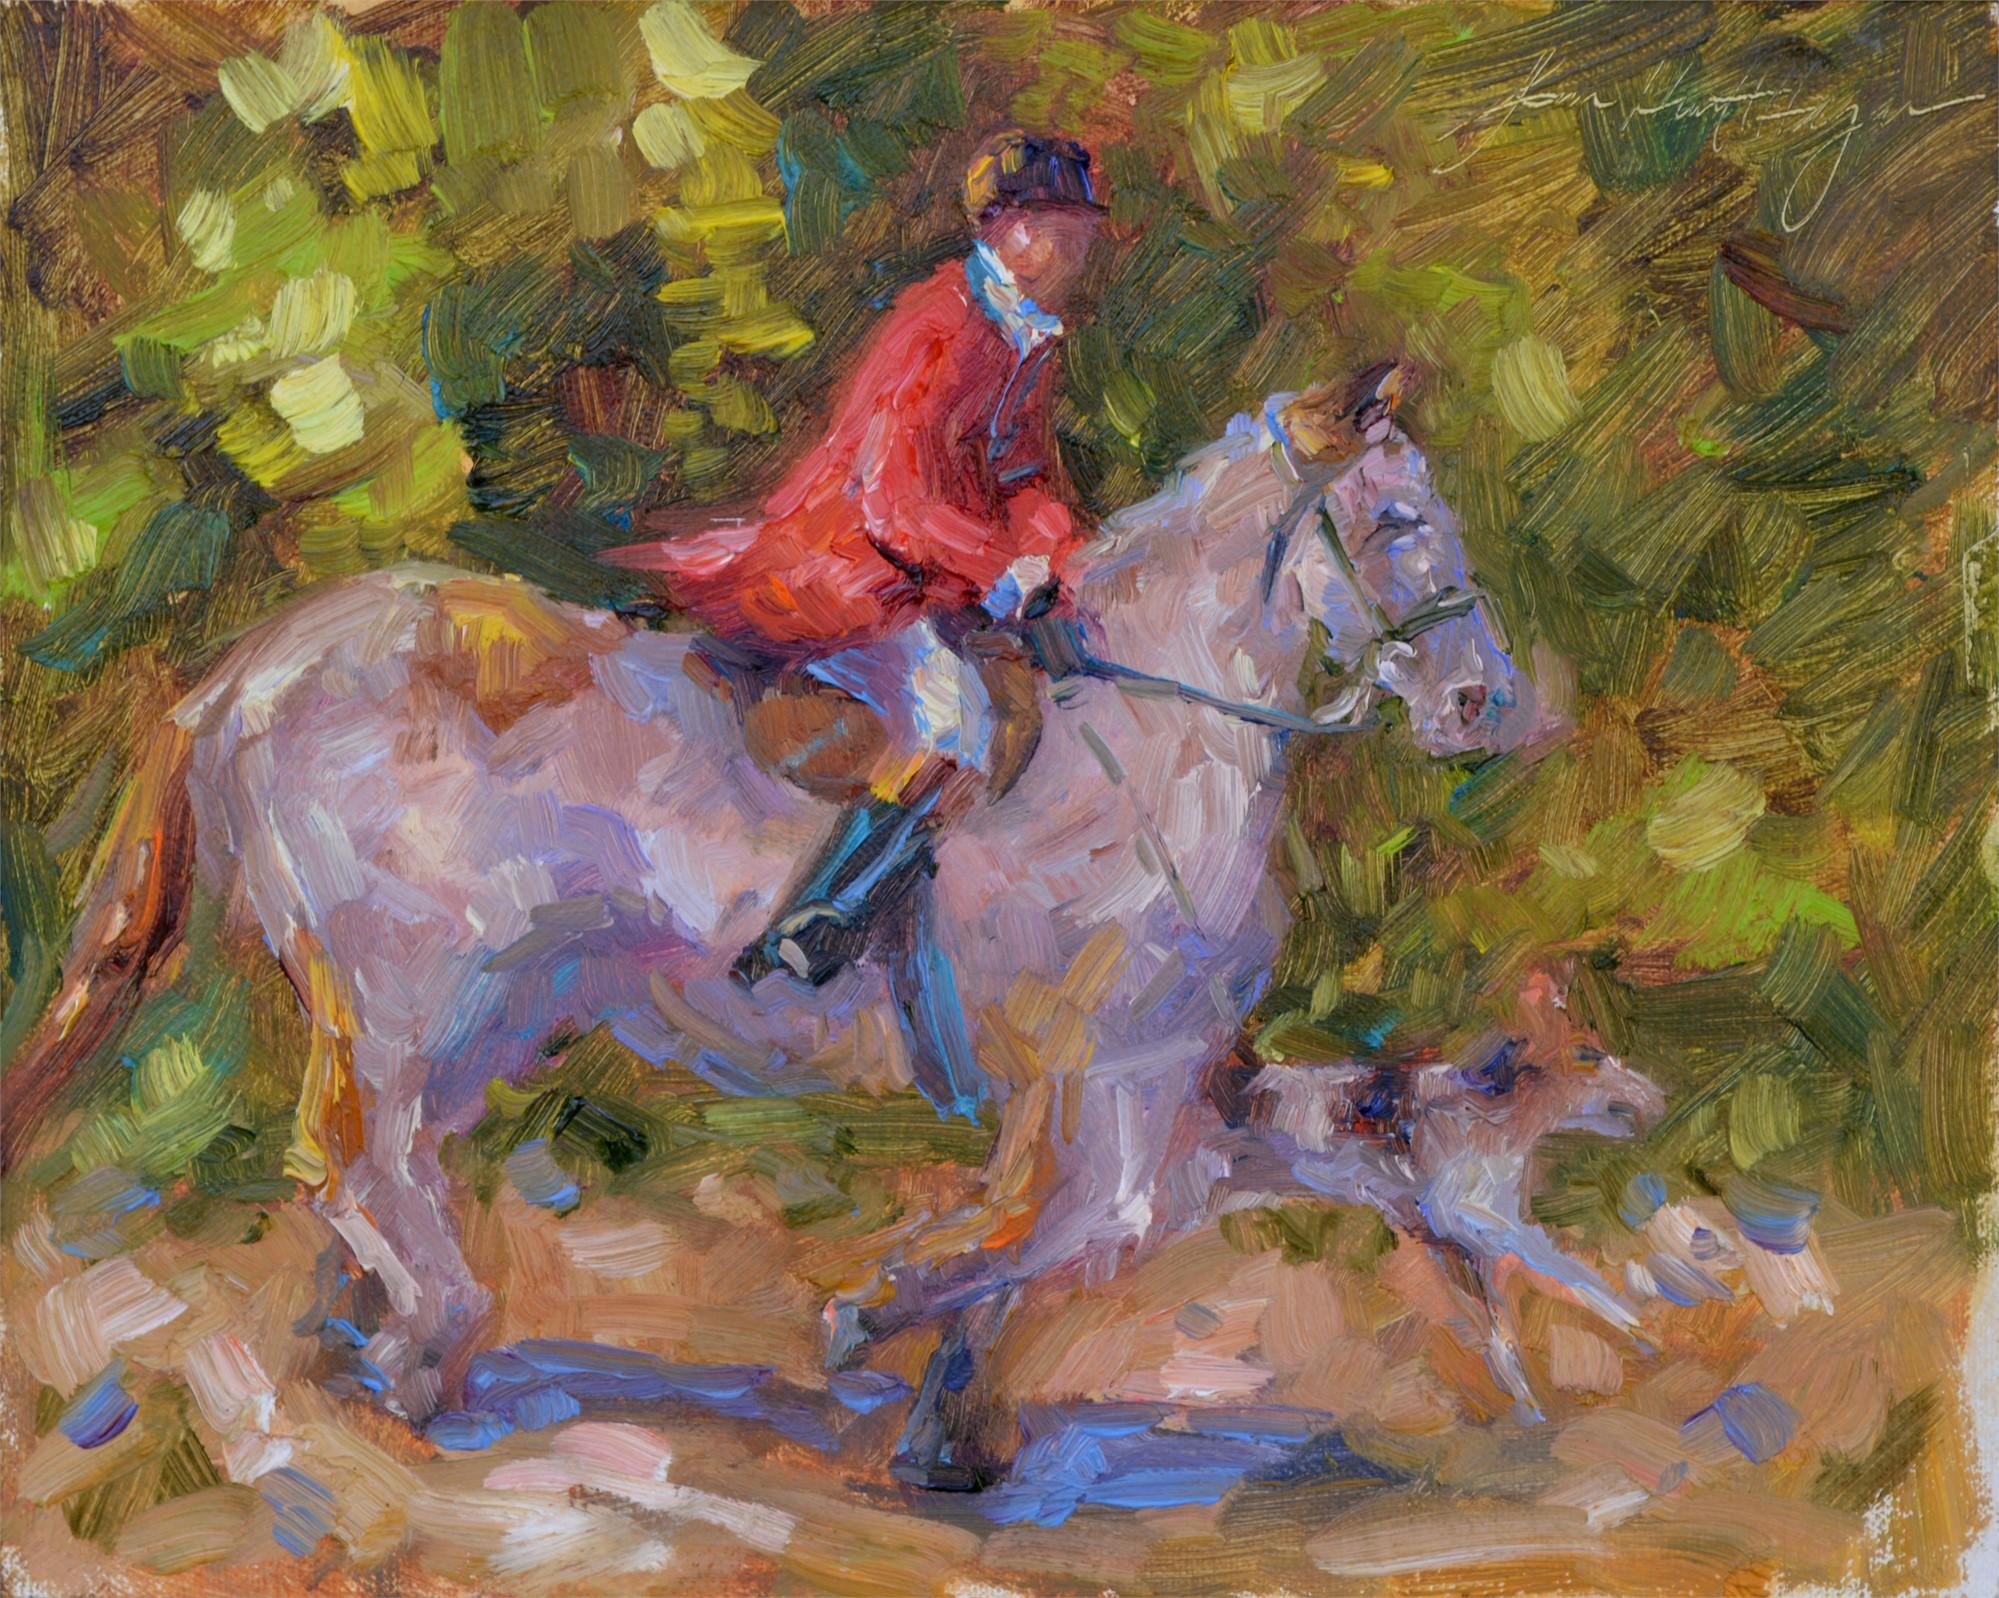 Hunt by Karen Hewitt Hagan